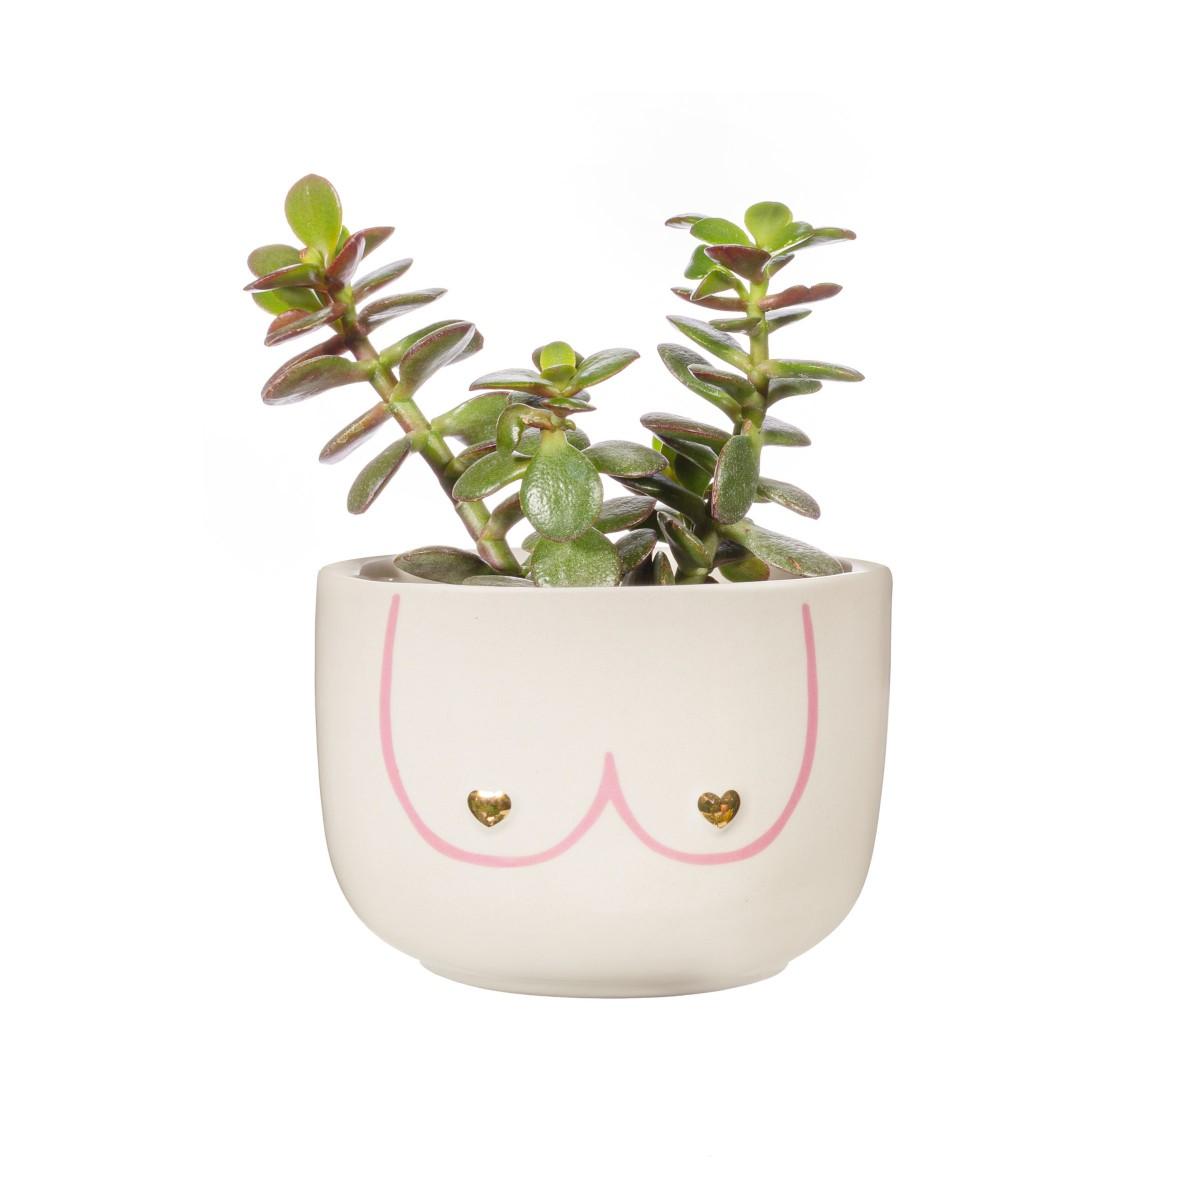 Plantenkamer-Sass-Belle-Mini-Girl-Power-Boobies-Planter